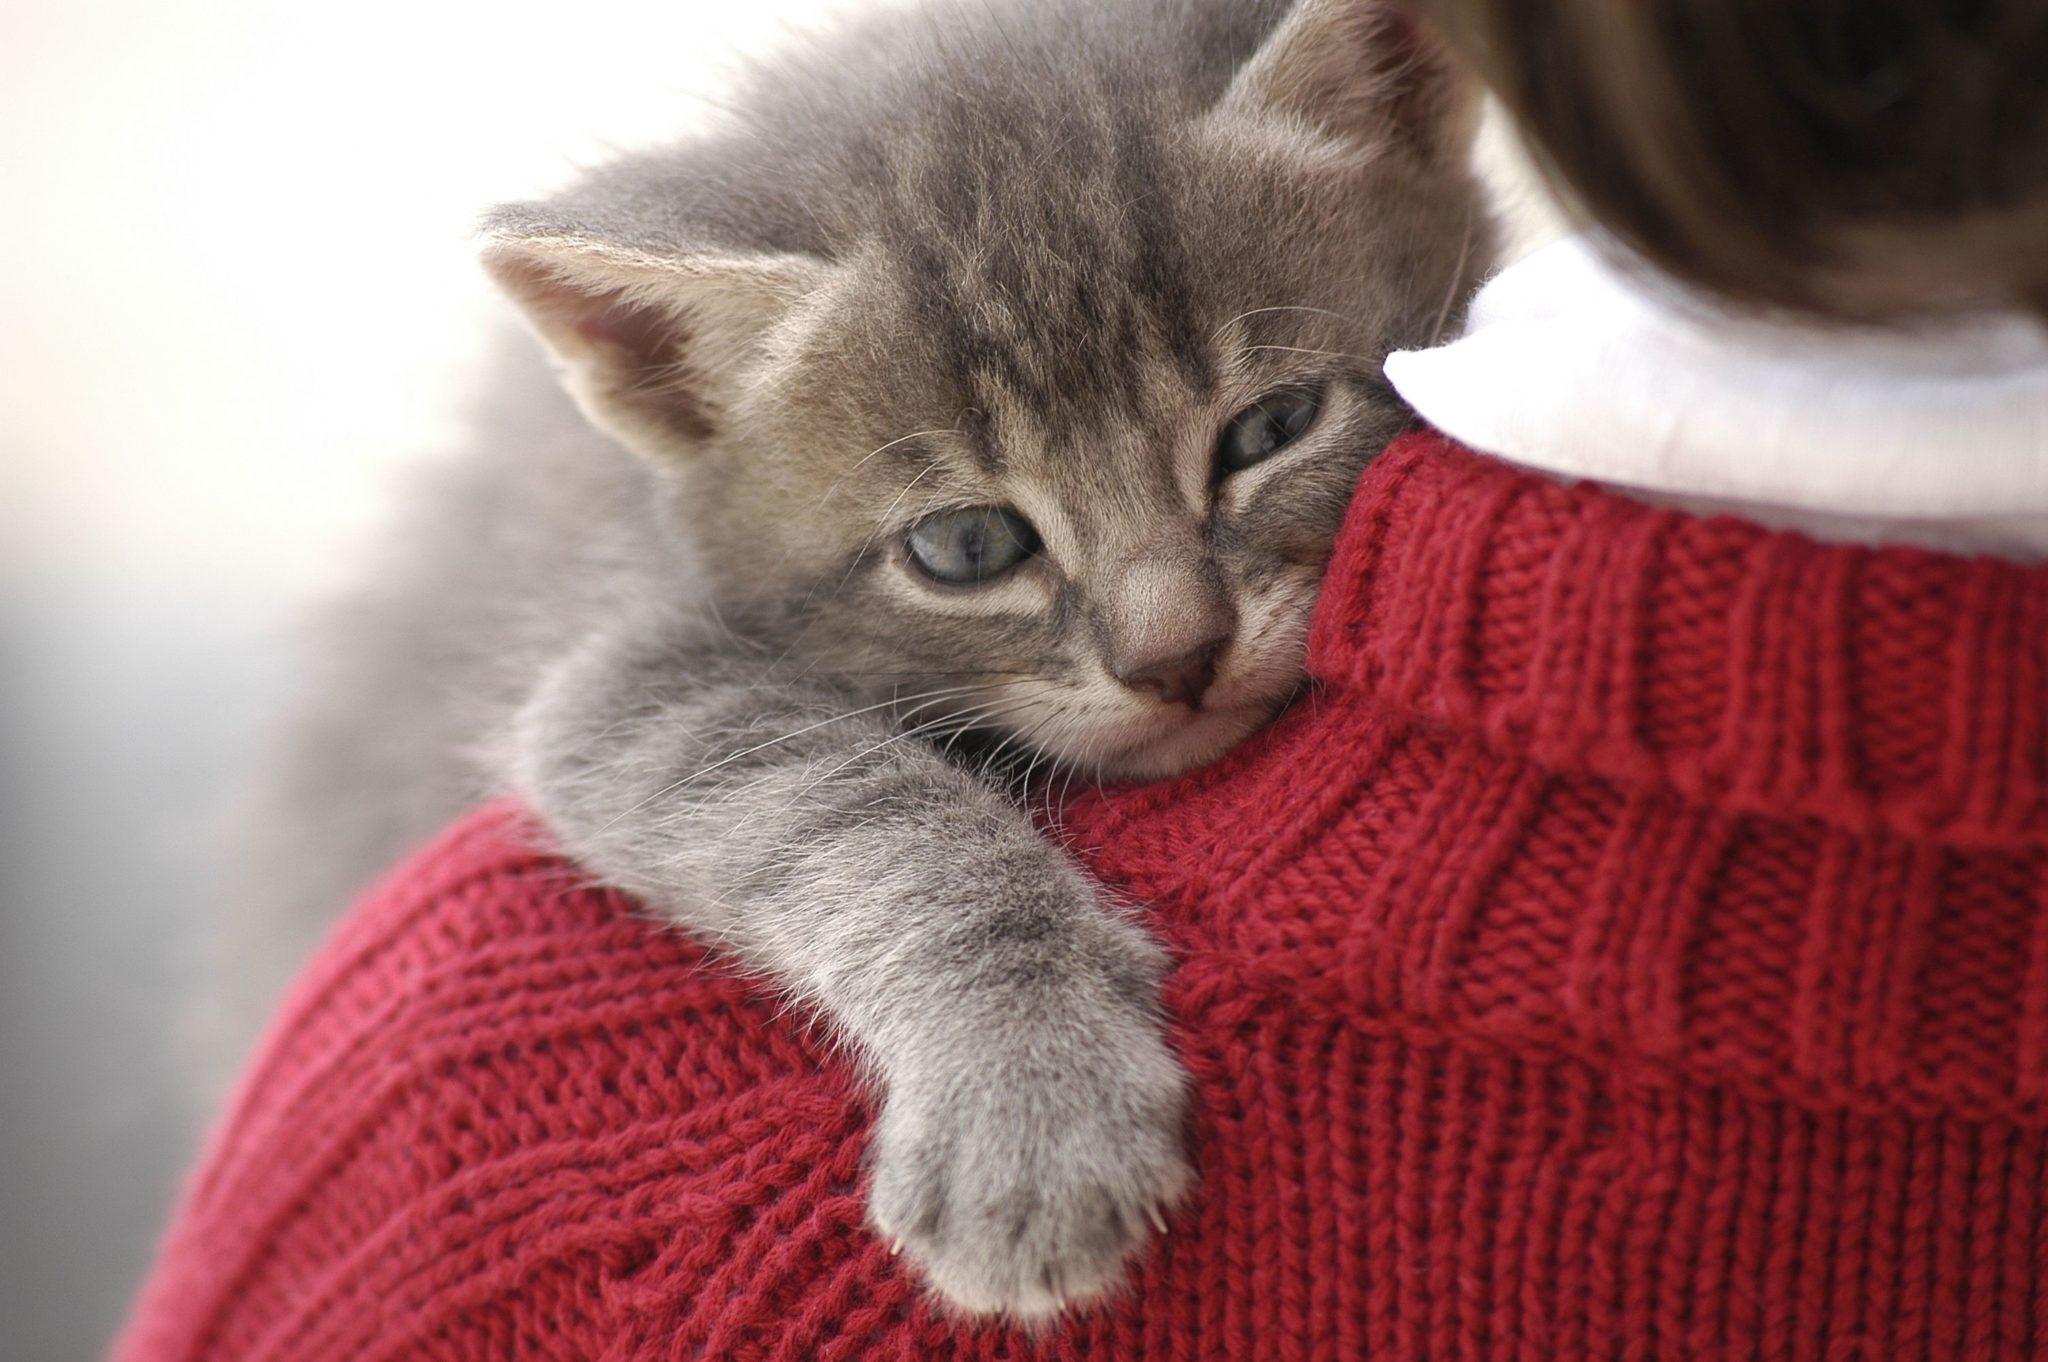 أنواع القطط المنزلية الأليفة التي تحب البشر بالصور دليل العيادات البيطرية دكتور بيطري بين يديك